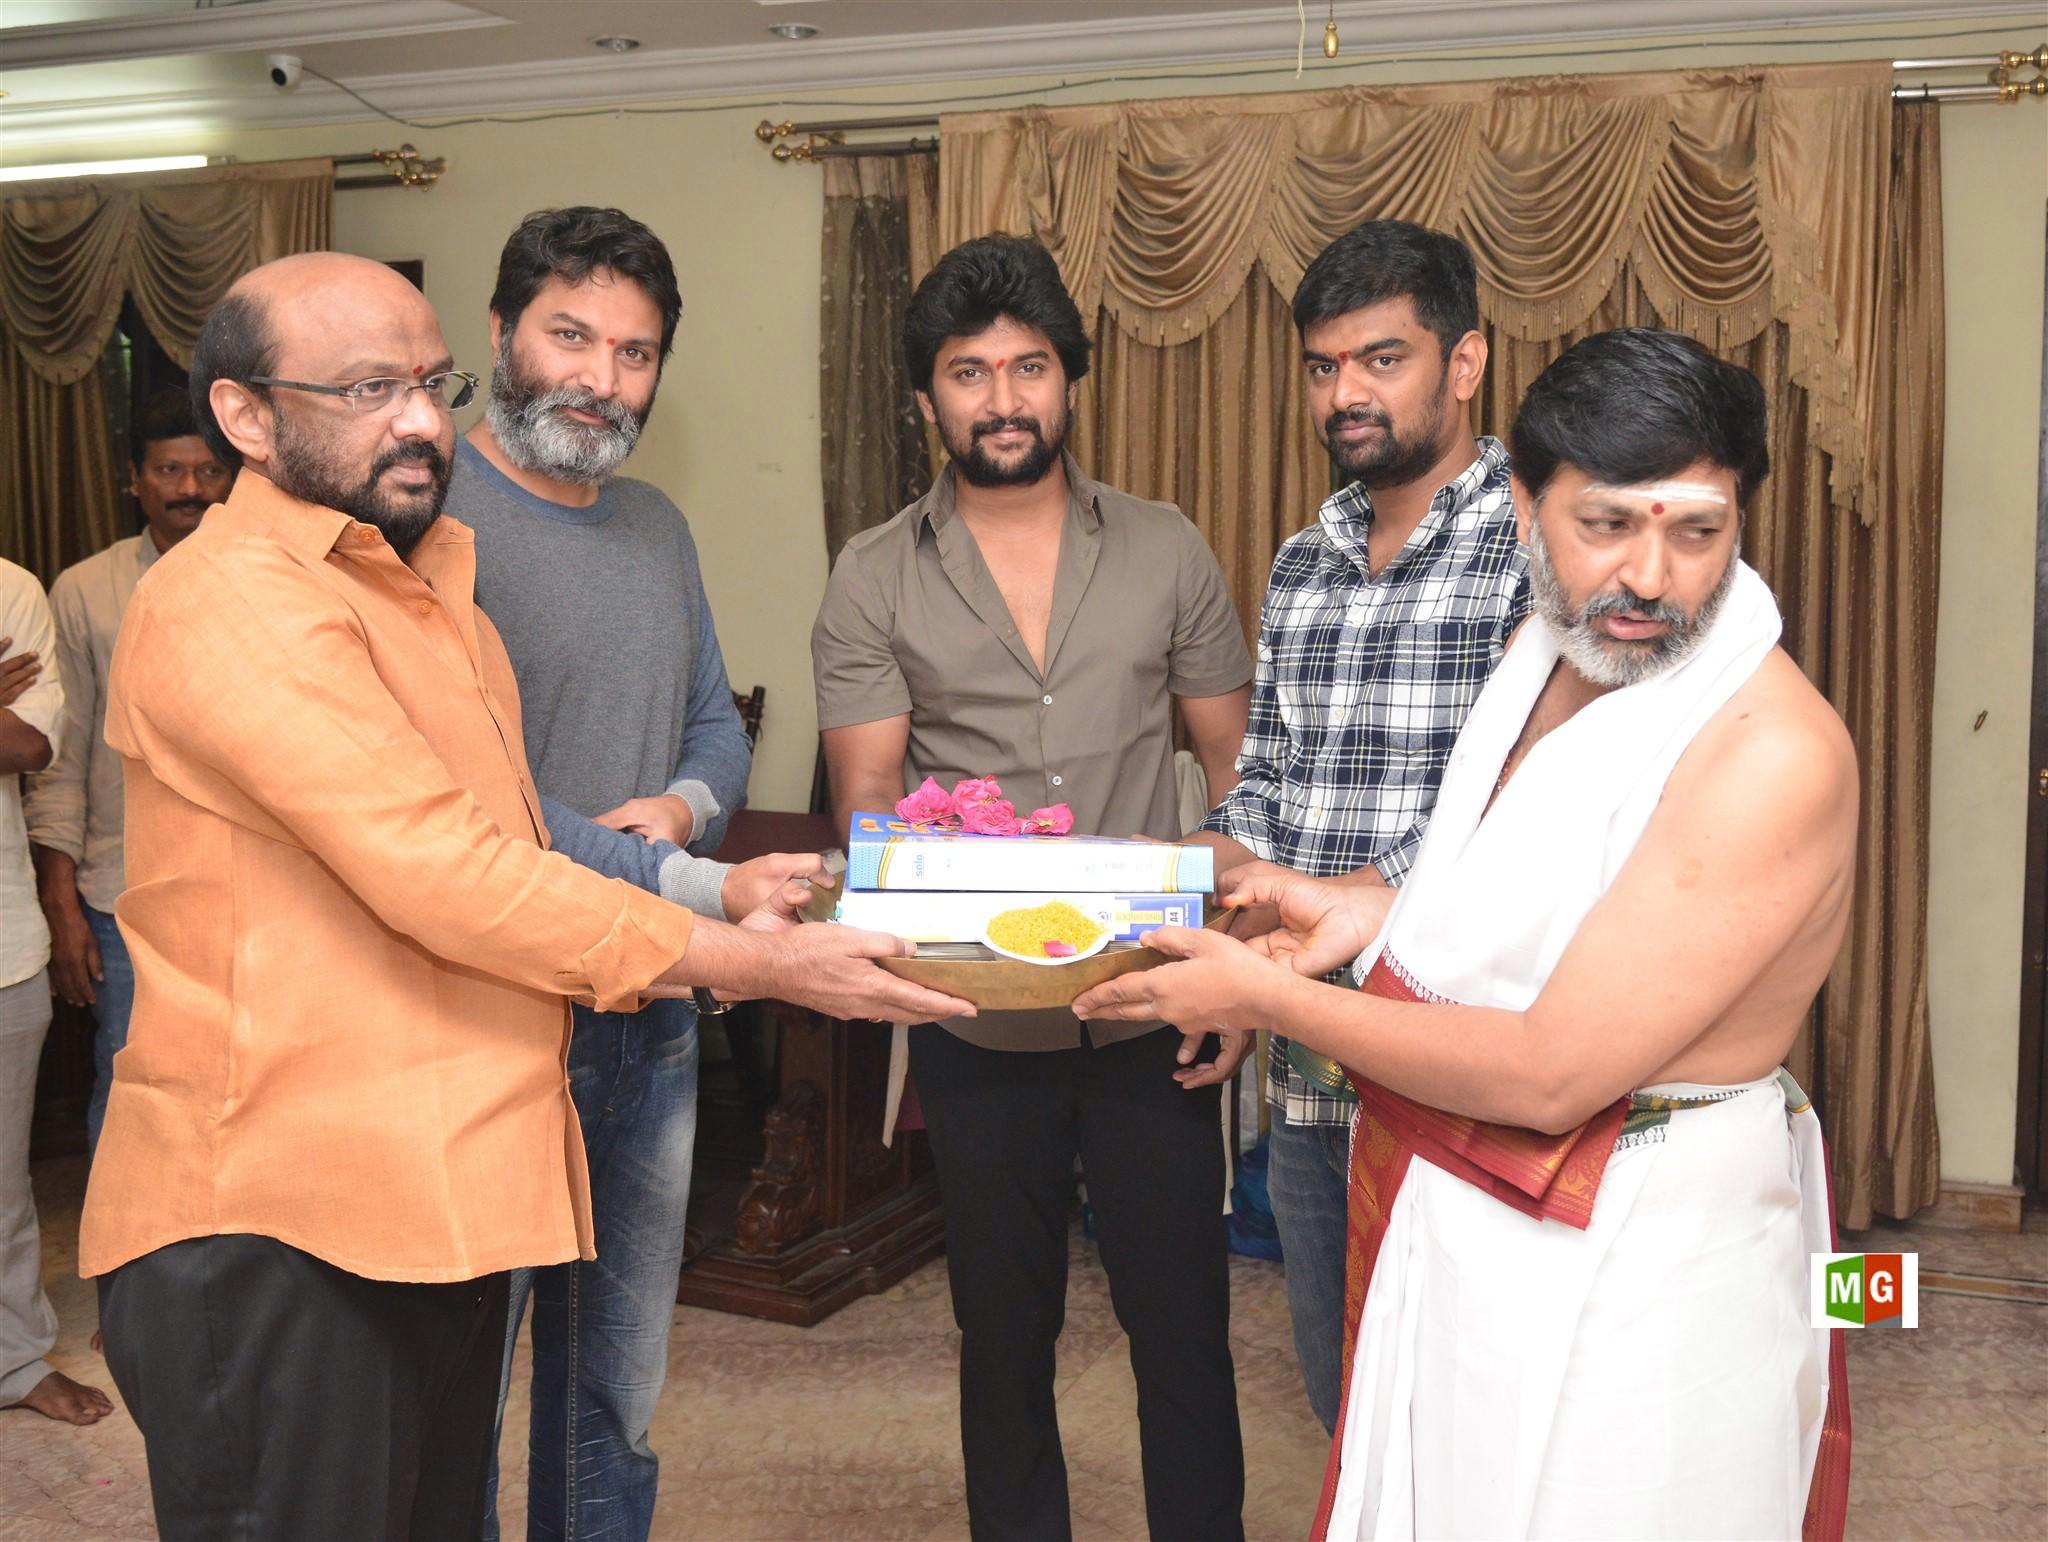 S Radha Krishna, Trivikram Srinivas, Nani, Gowtam Tinnanuri @ Jersey Movie Pooja Stills